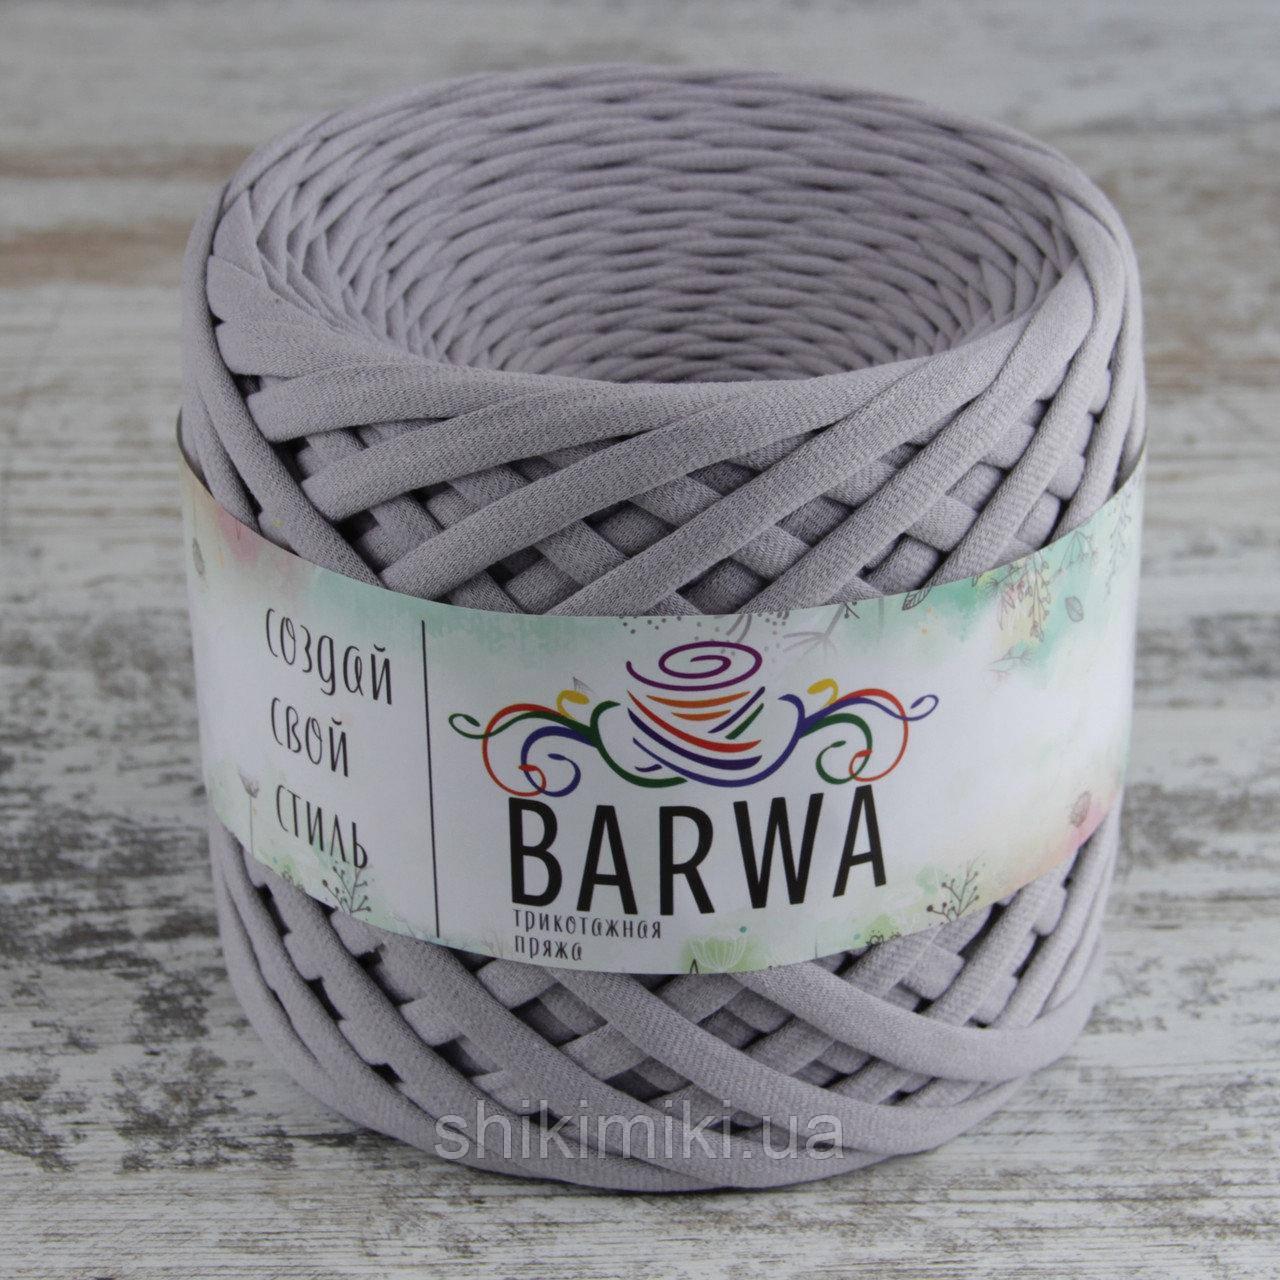 Трикотажная пряжа Barwa (7-9 мм), цвет Пепел